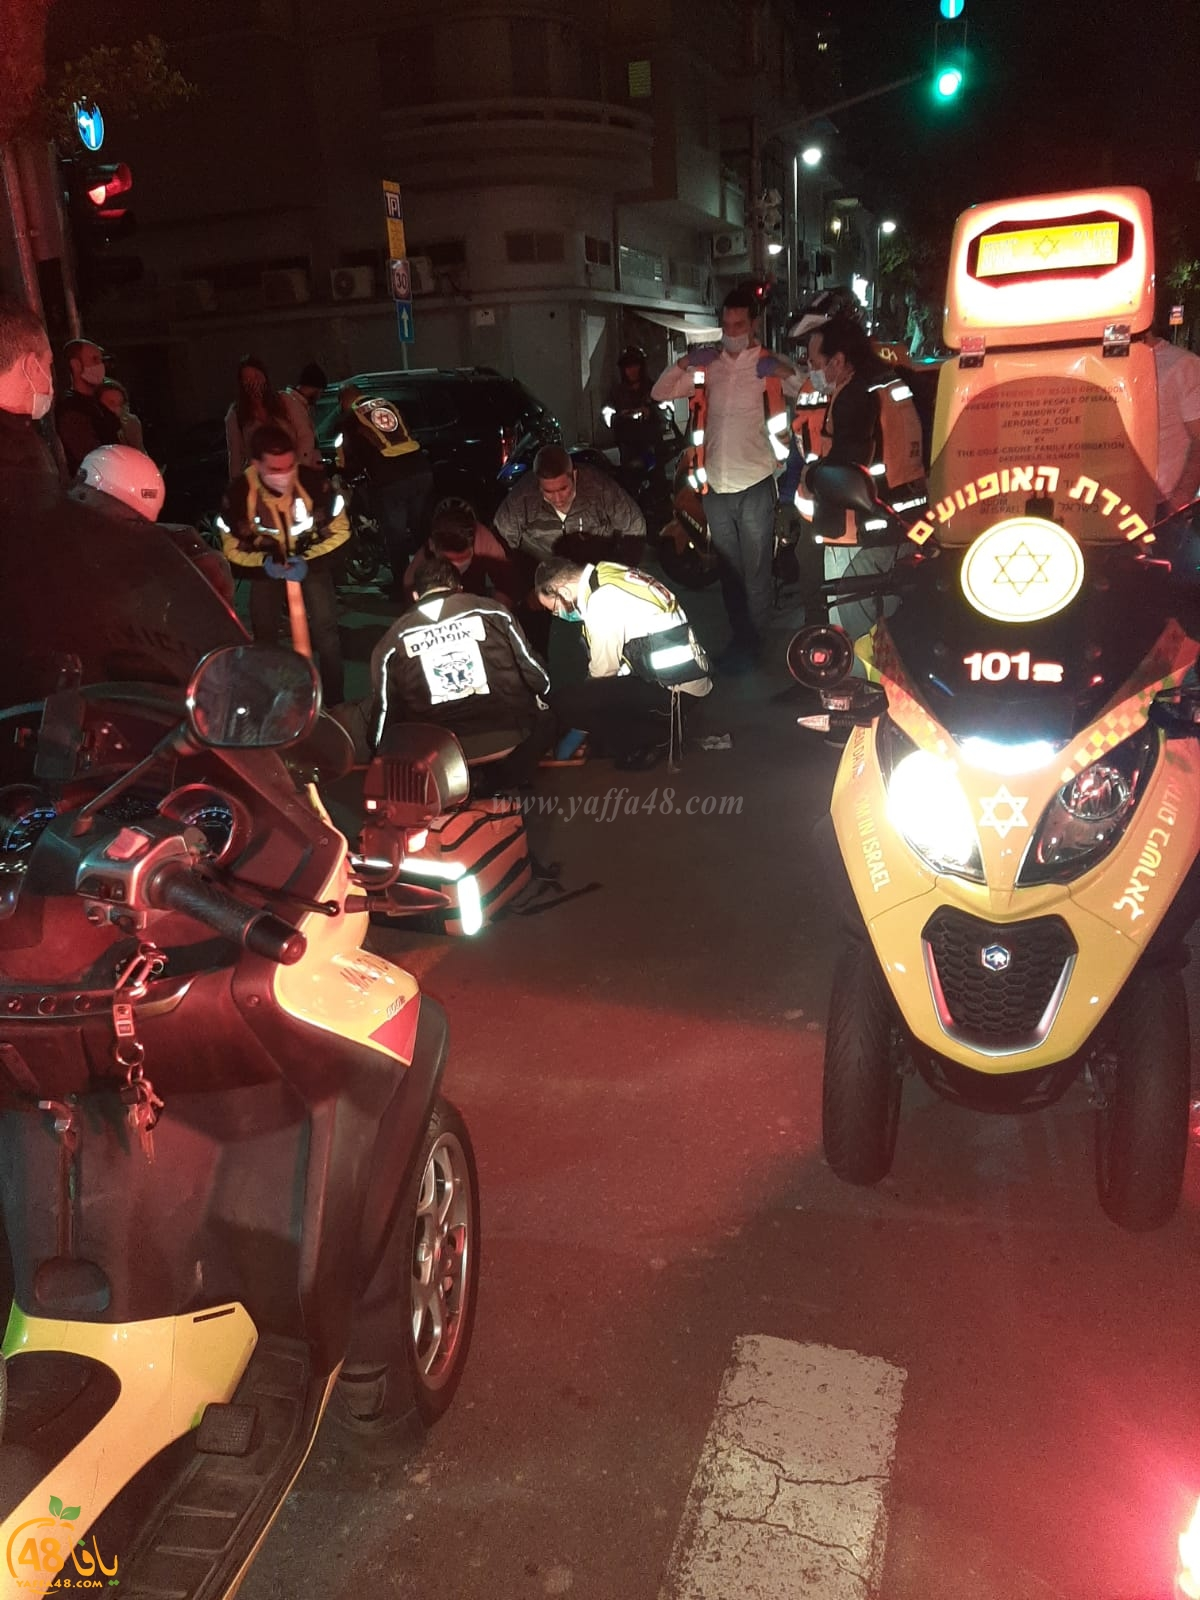 إصابة متوسطة لراكب دراجة بحادث دهس في مدينة يافا